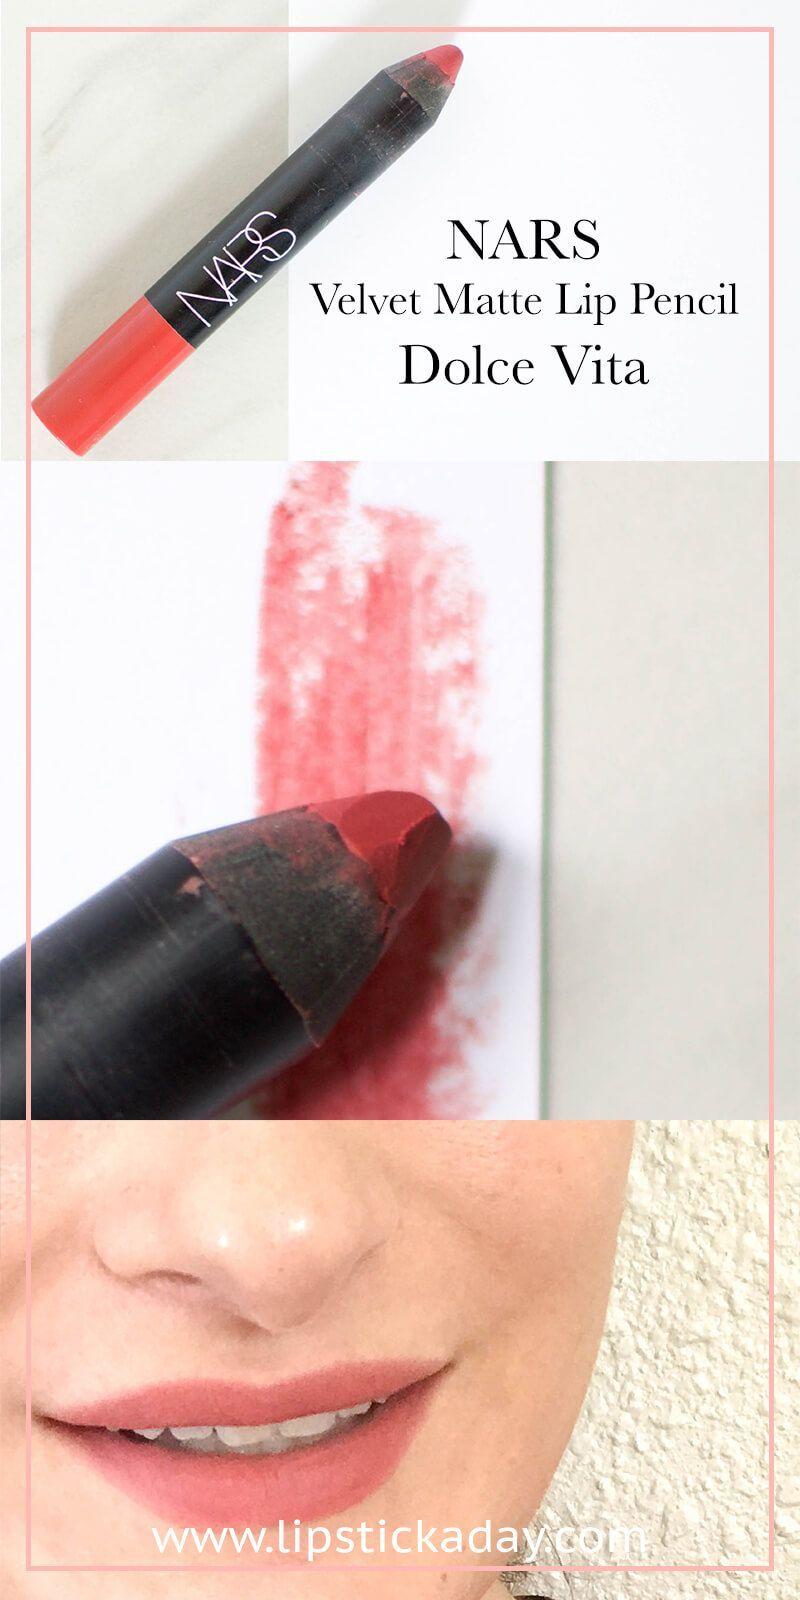 the iconic nars velvet matte lip pencil